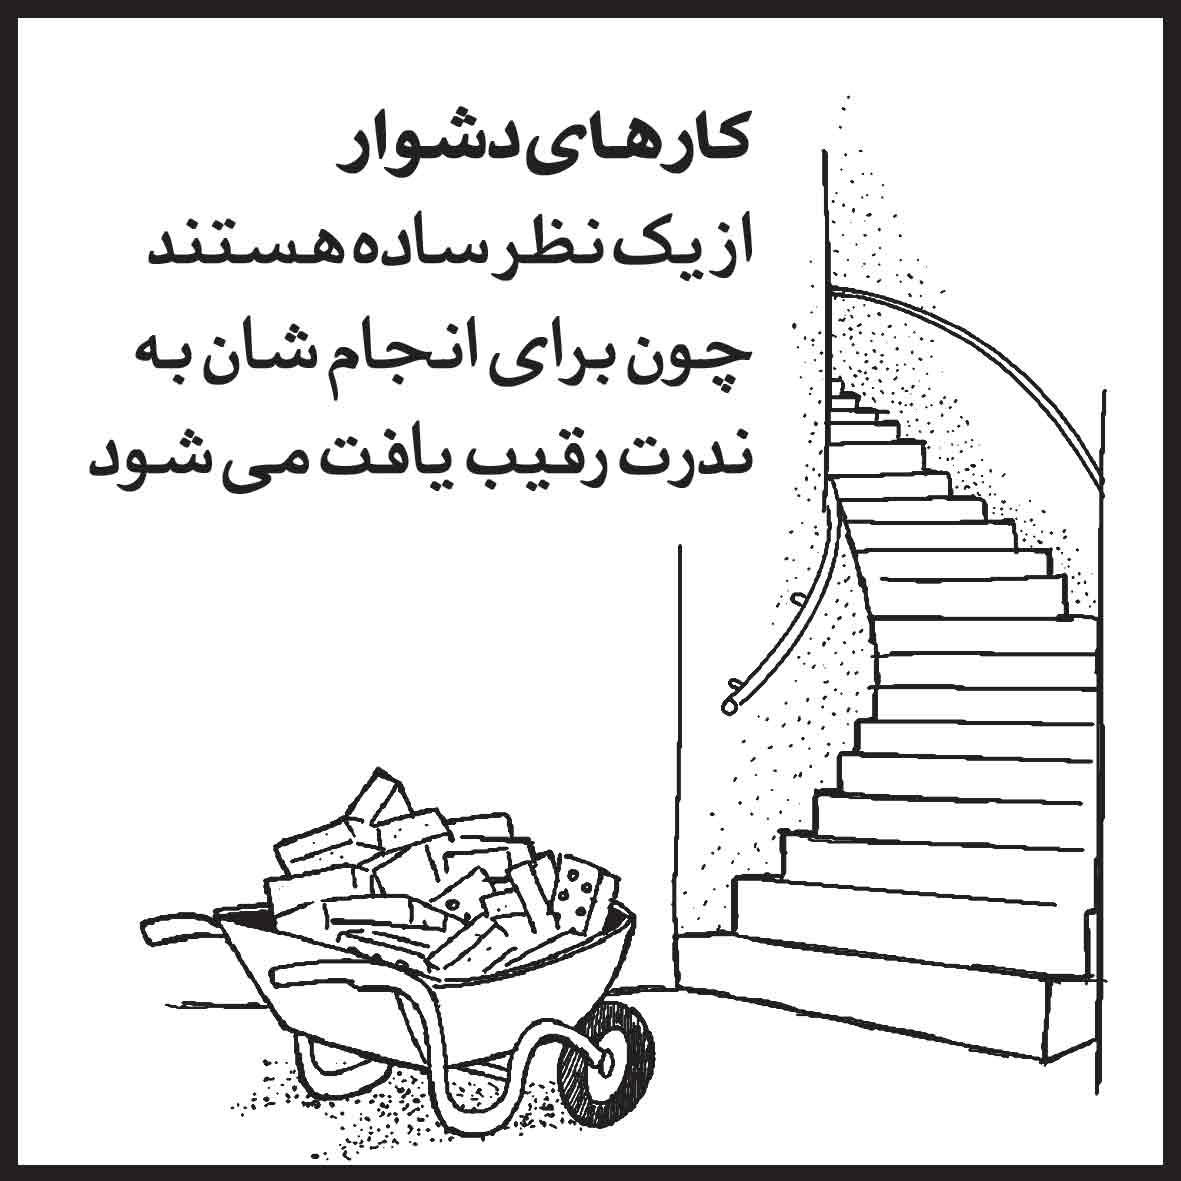 سعید مرادی